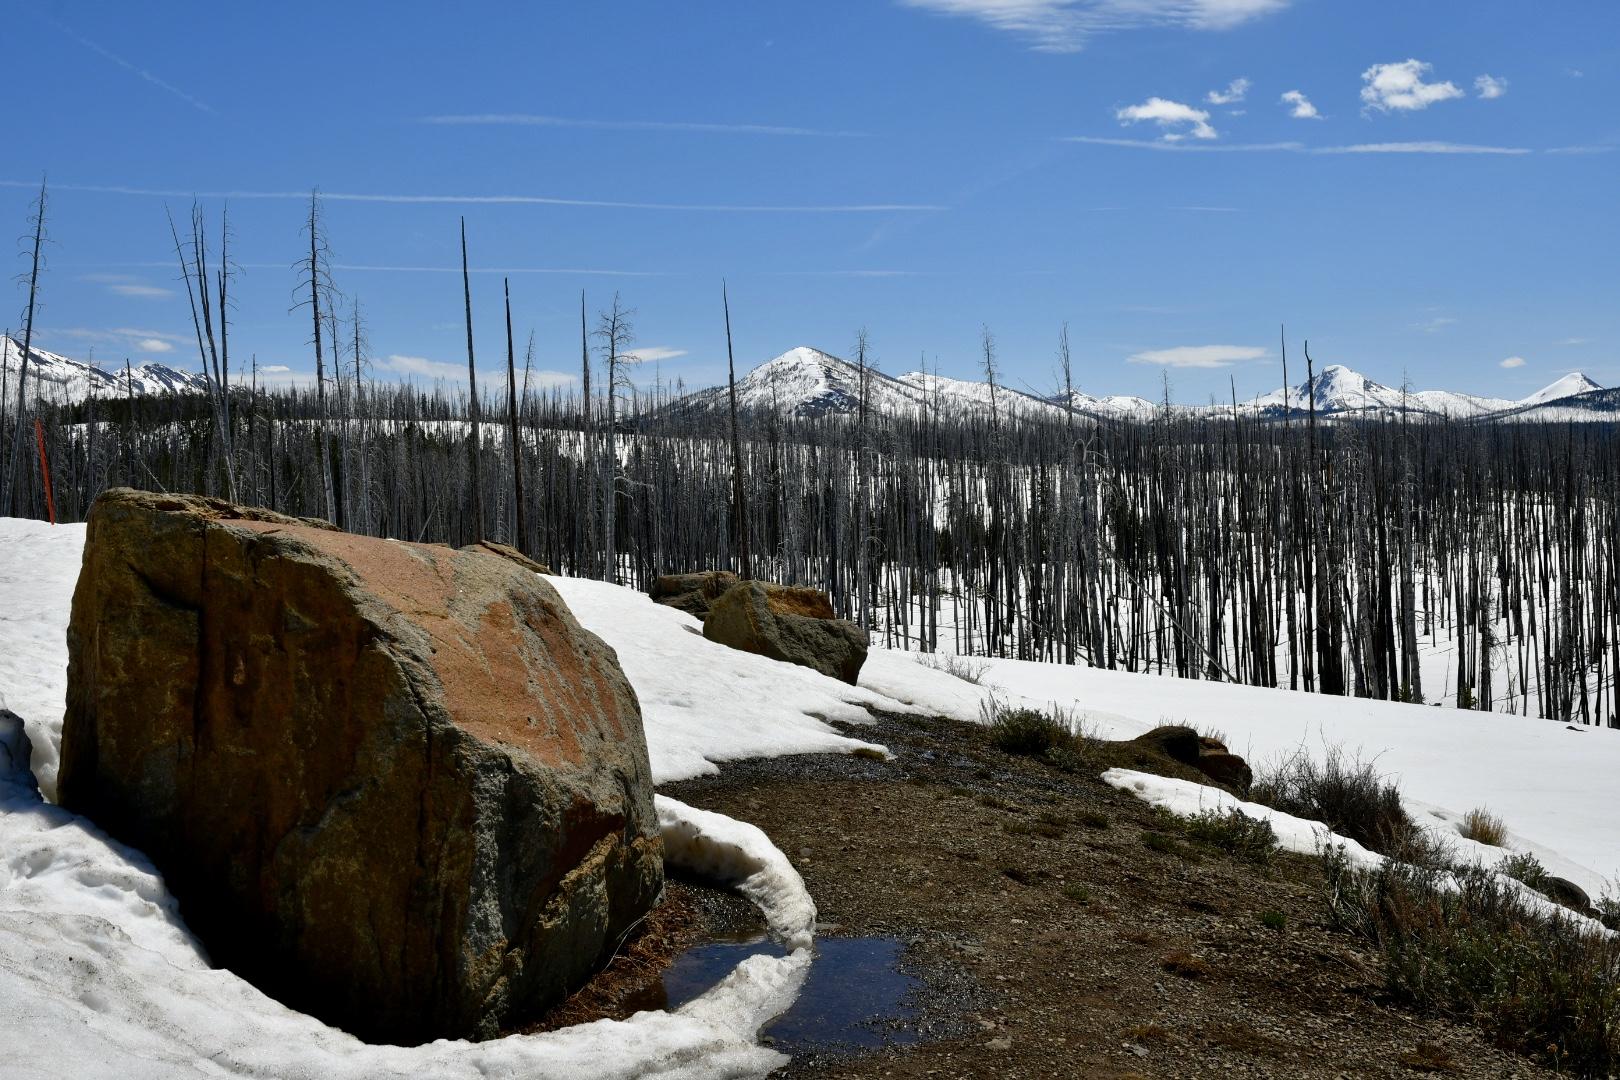 Abgebrannte Baumstämme ragen schwarz aus Schnee, davor ein großer grau-roter Fels, dahinter schneebedeckte Berge vor blauem Himmel